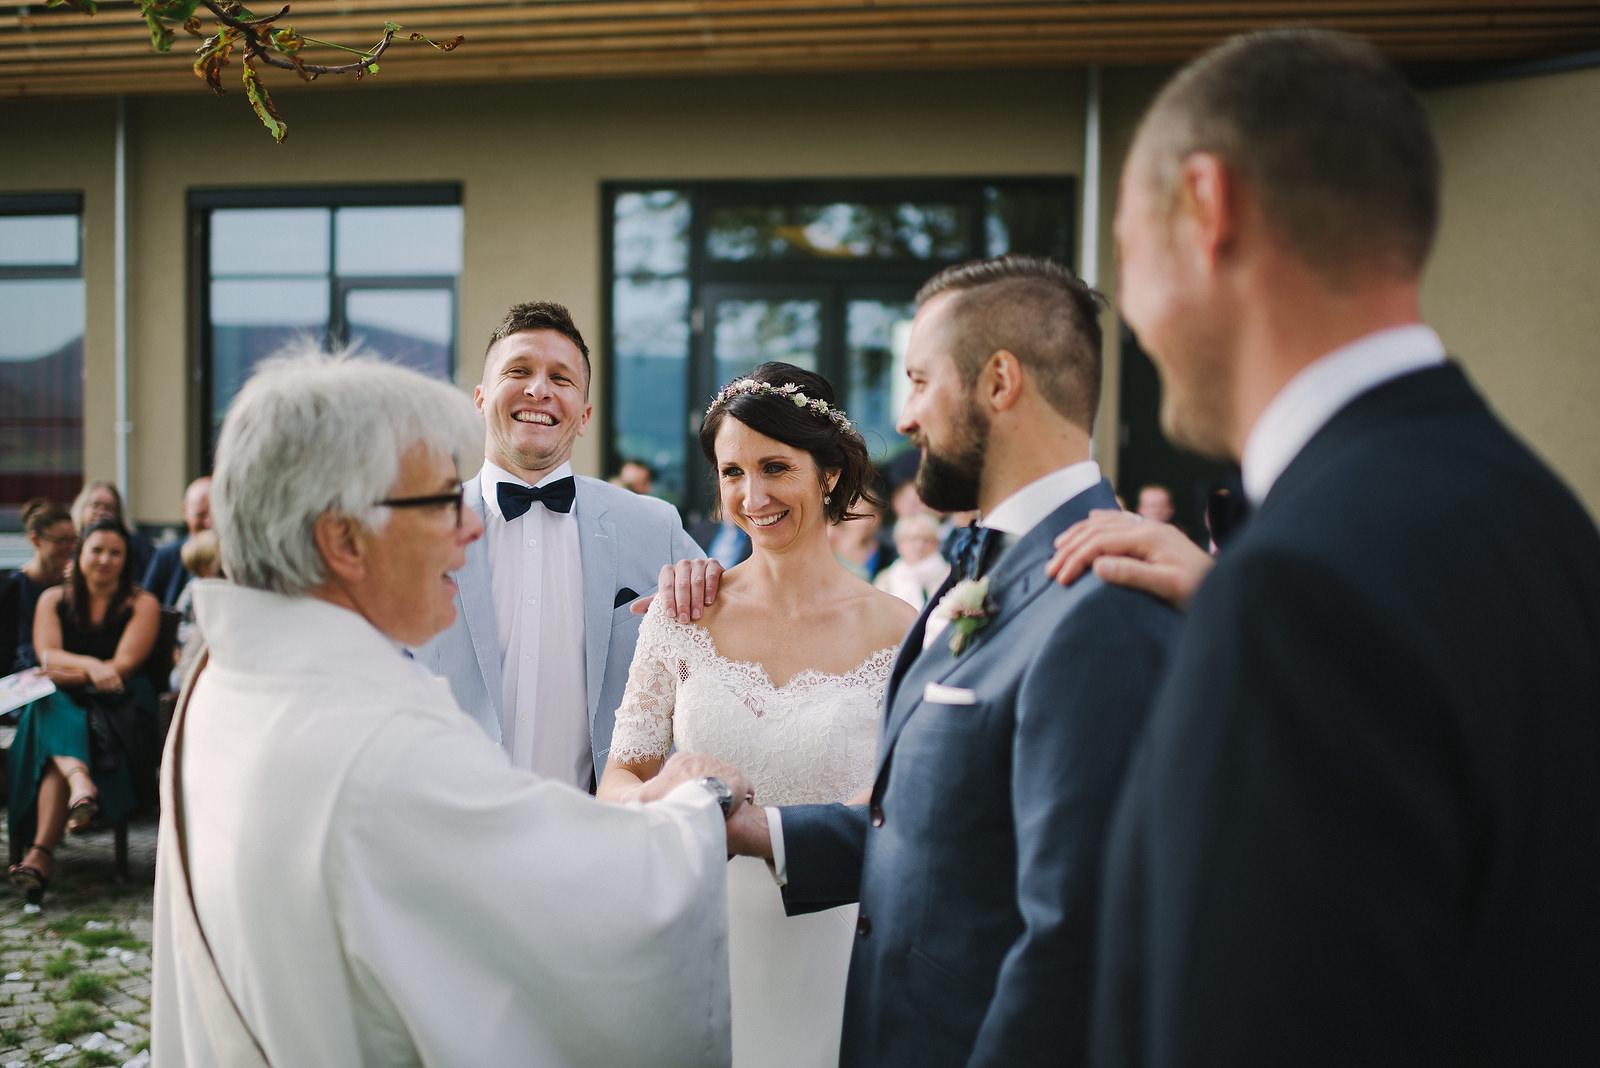 Fotograf Konstanz - Hochzeitsfotograf Reutlingen Achalm Hochzeit EFP 54 - Documentary wedding story on the Achalm, Reutlingen  - 44 -